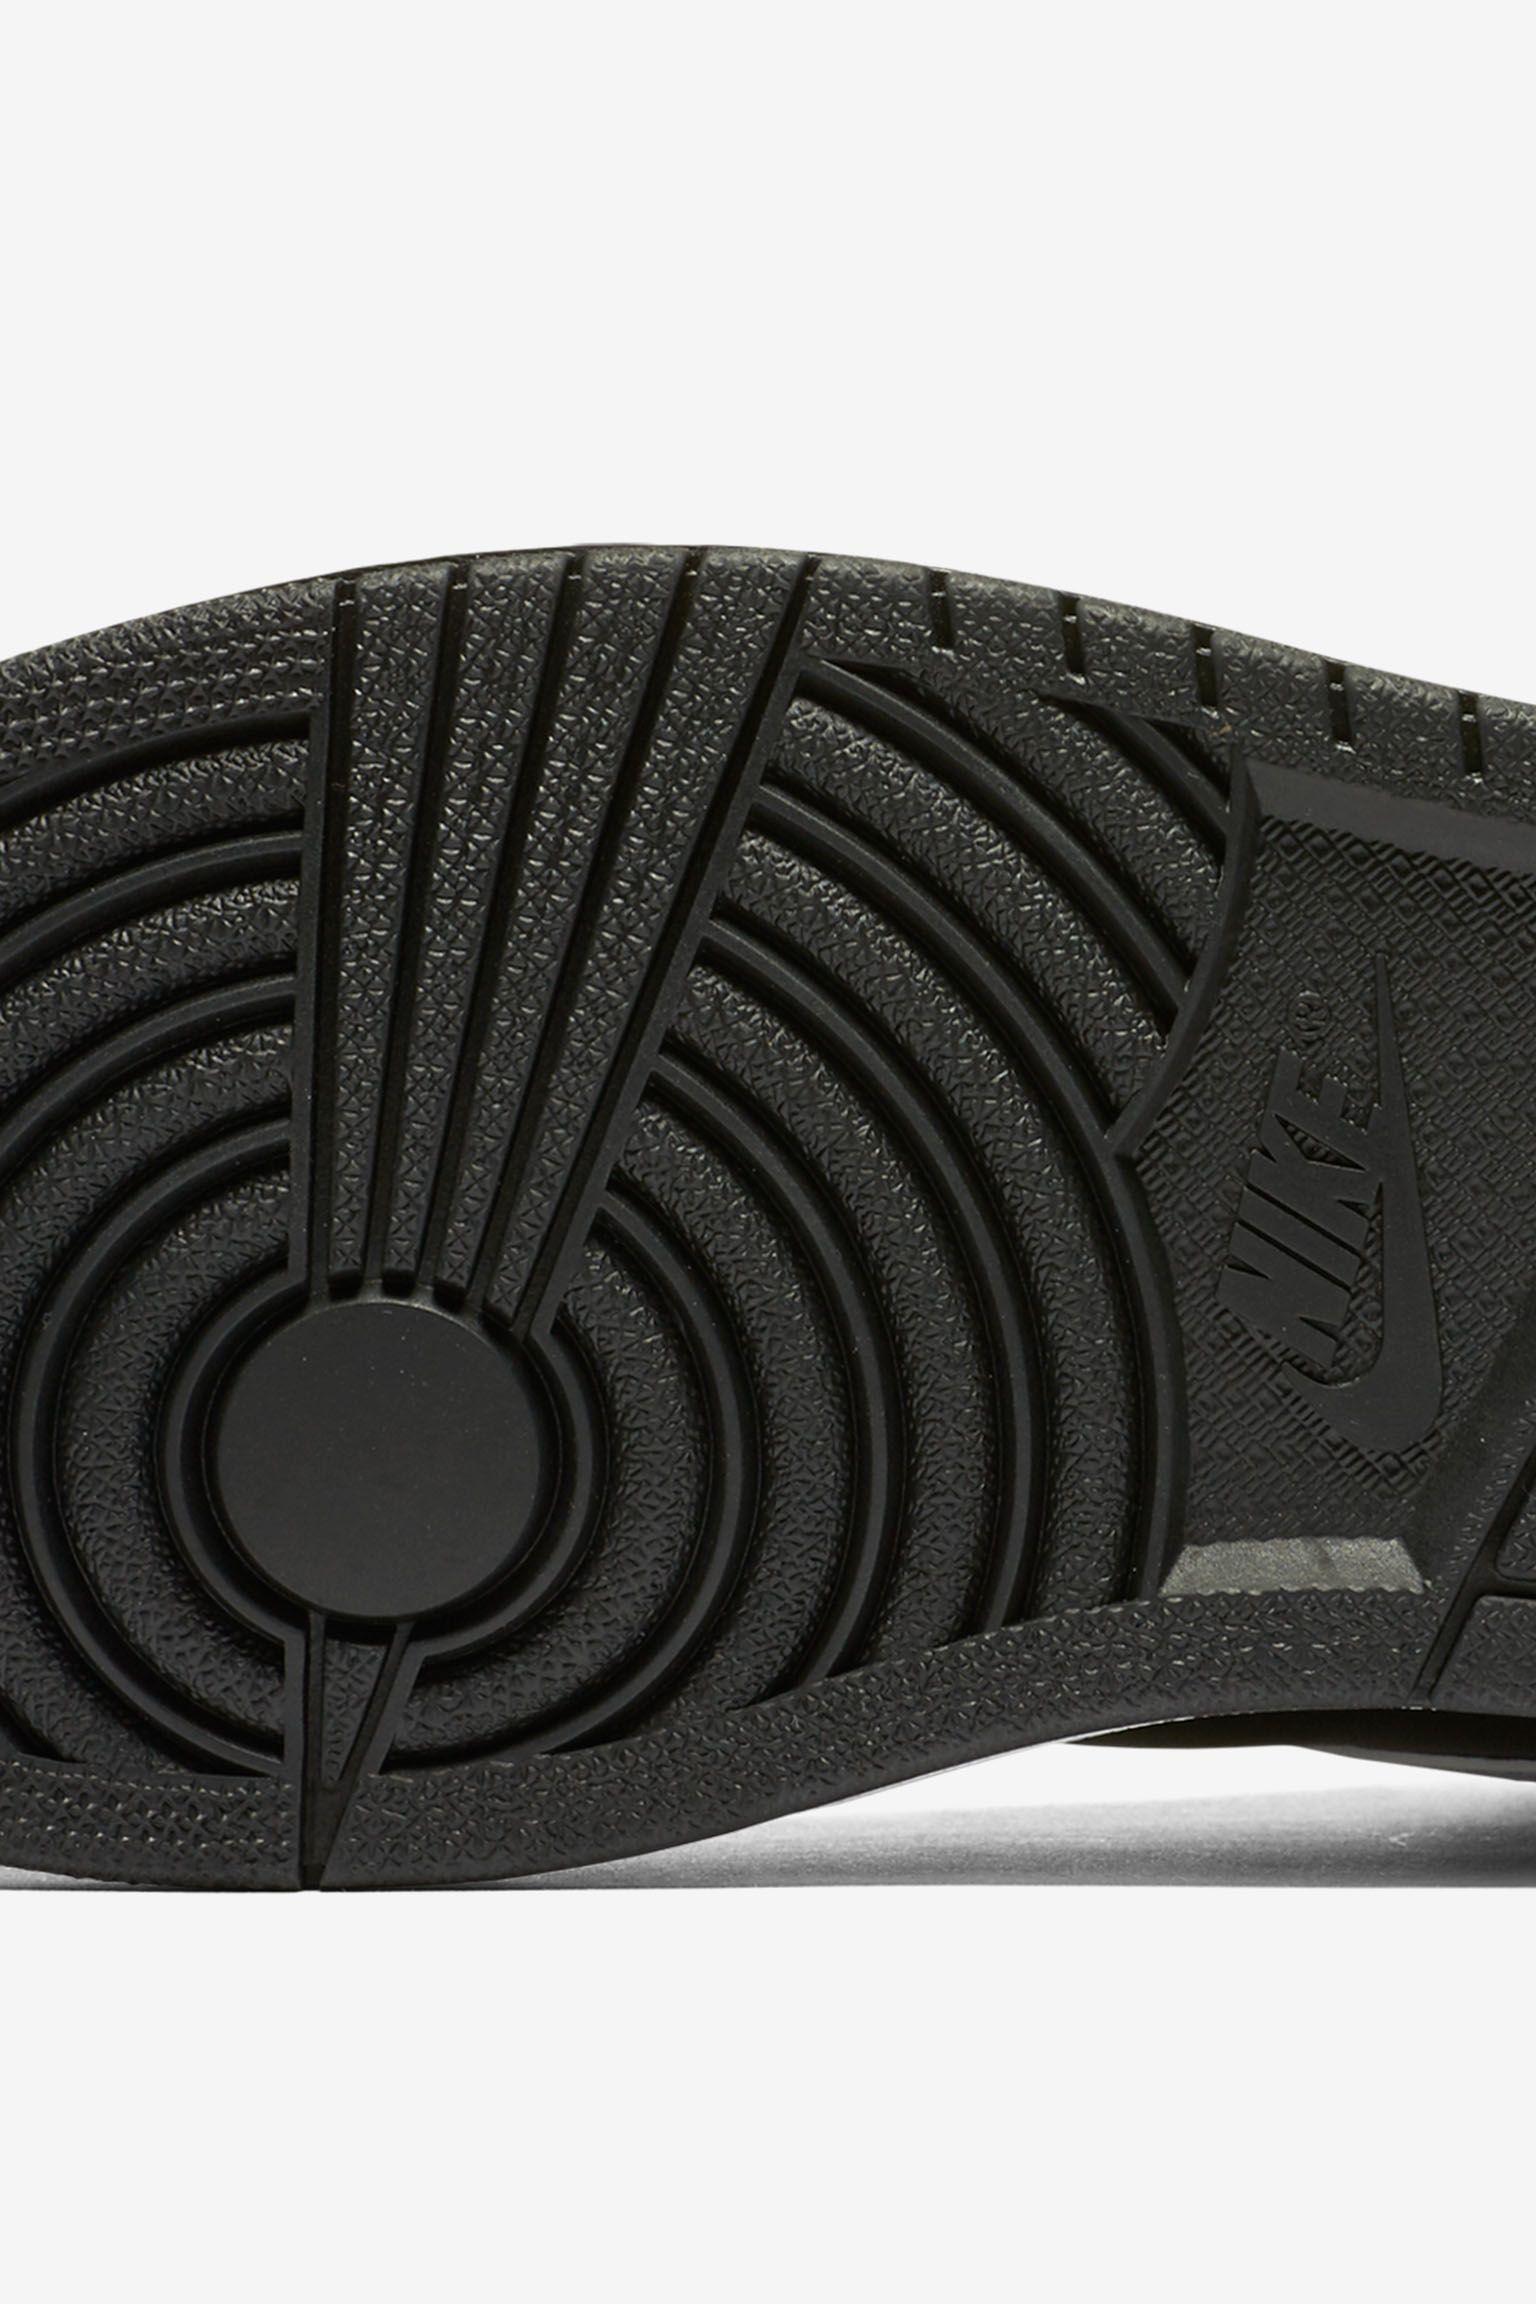 Air Jordan 1 Retro High OG 'Black & White' Release Date